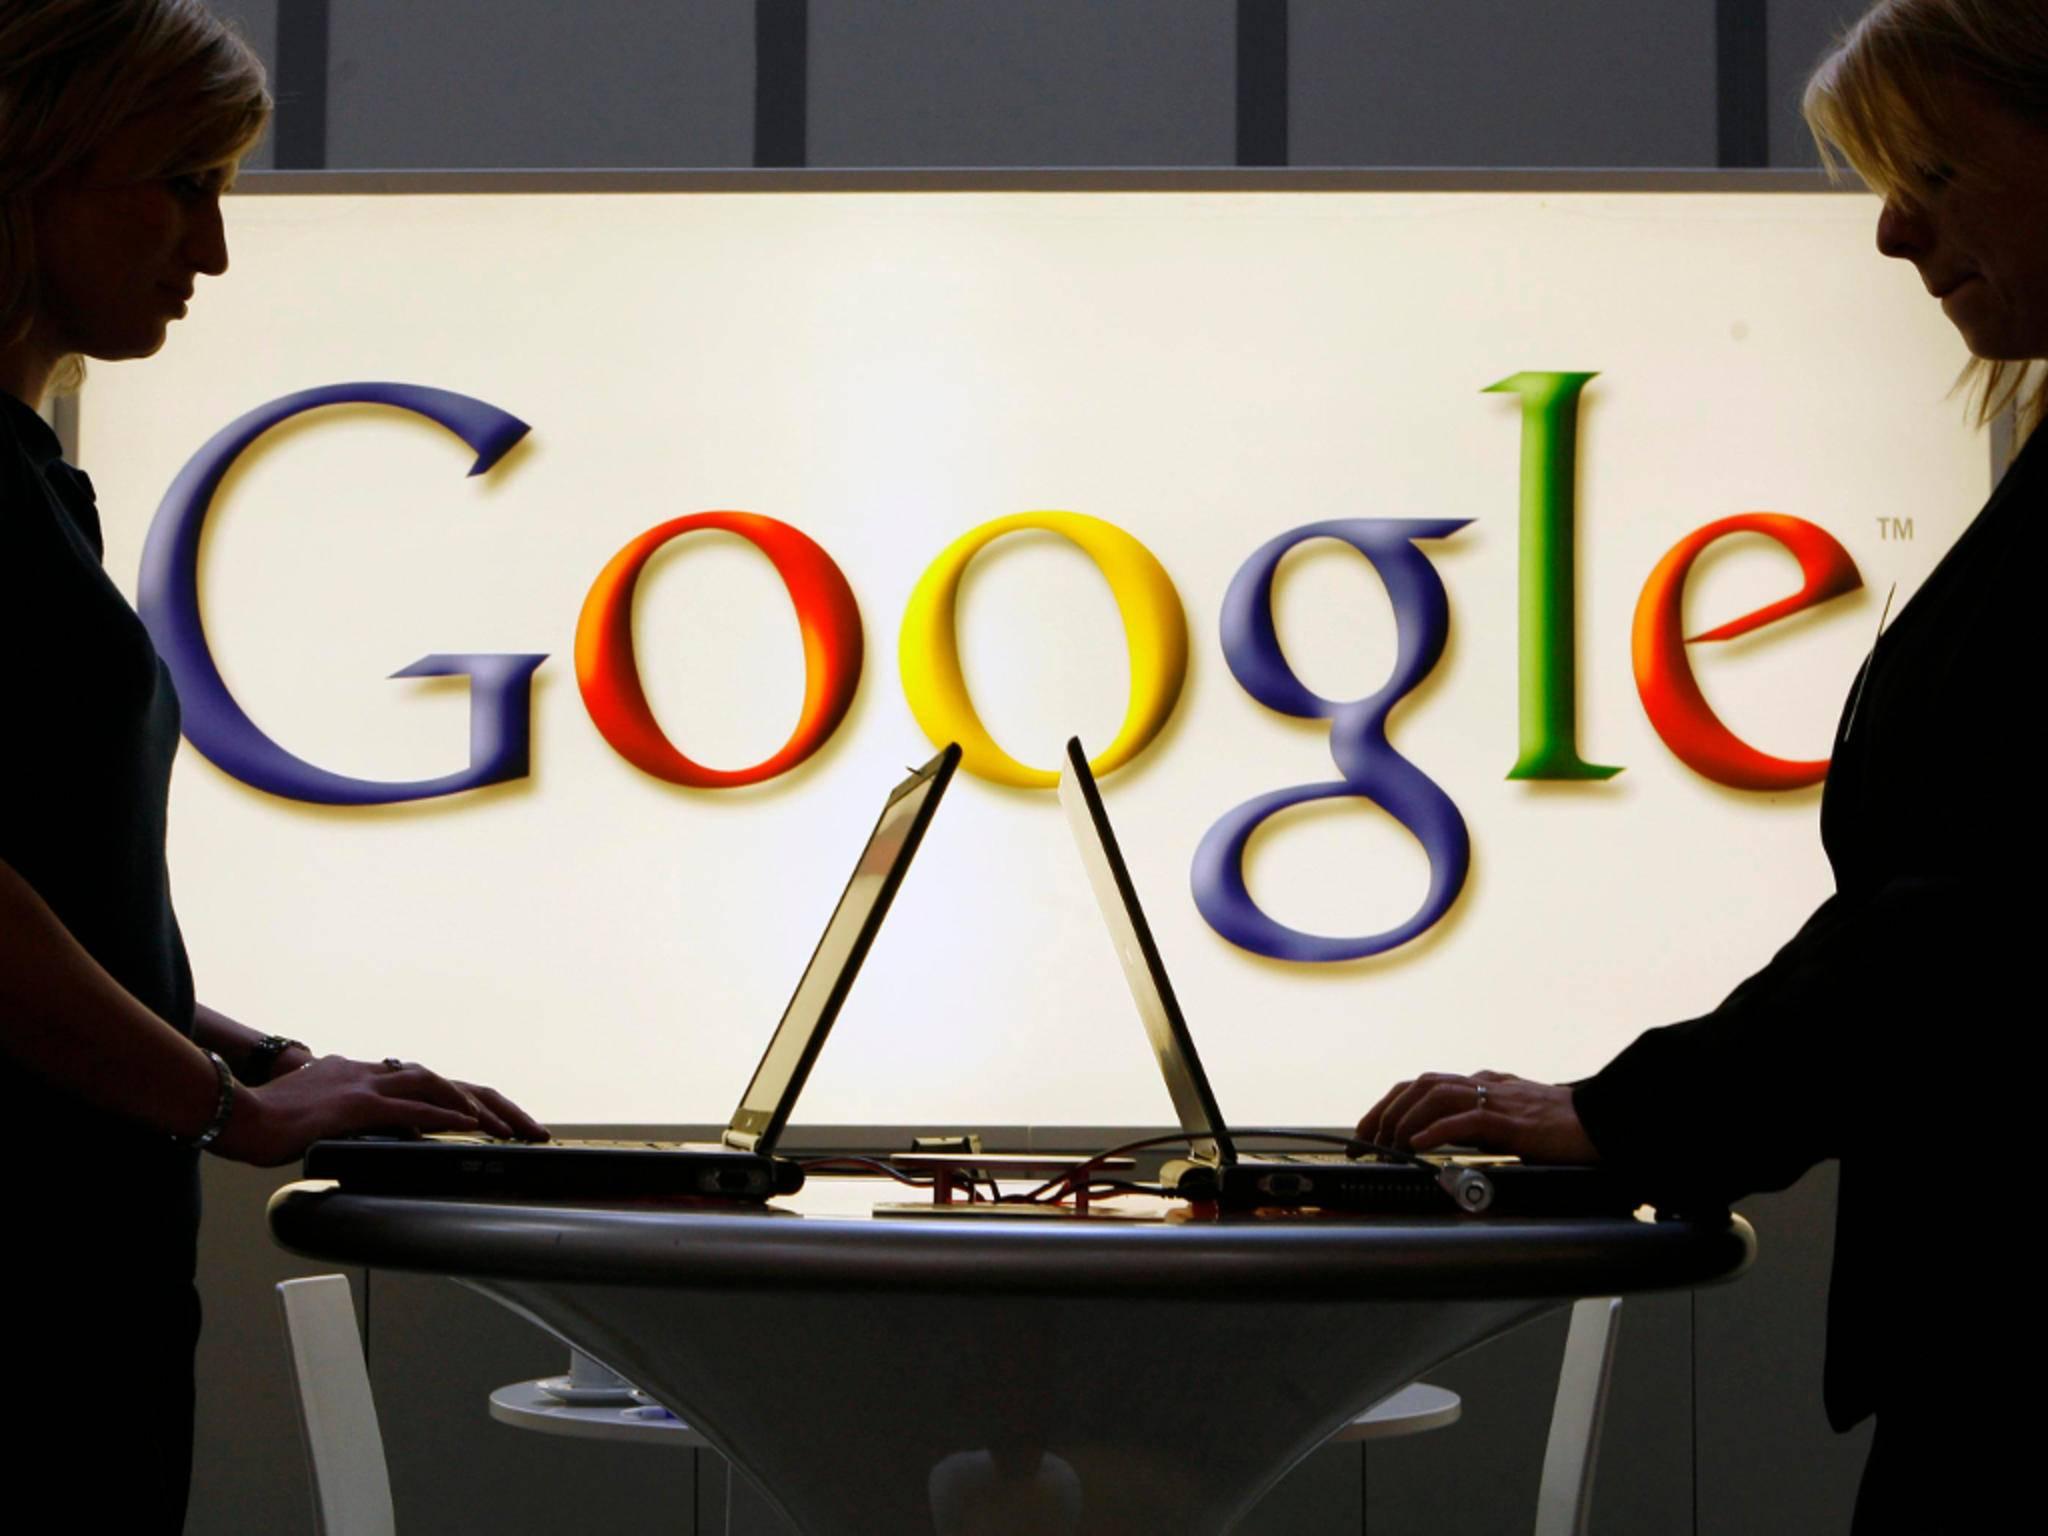 Die Entwicklerkonferenz Google I/O 2015 findet am 28./29. Mai statt.